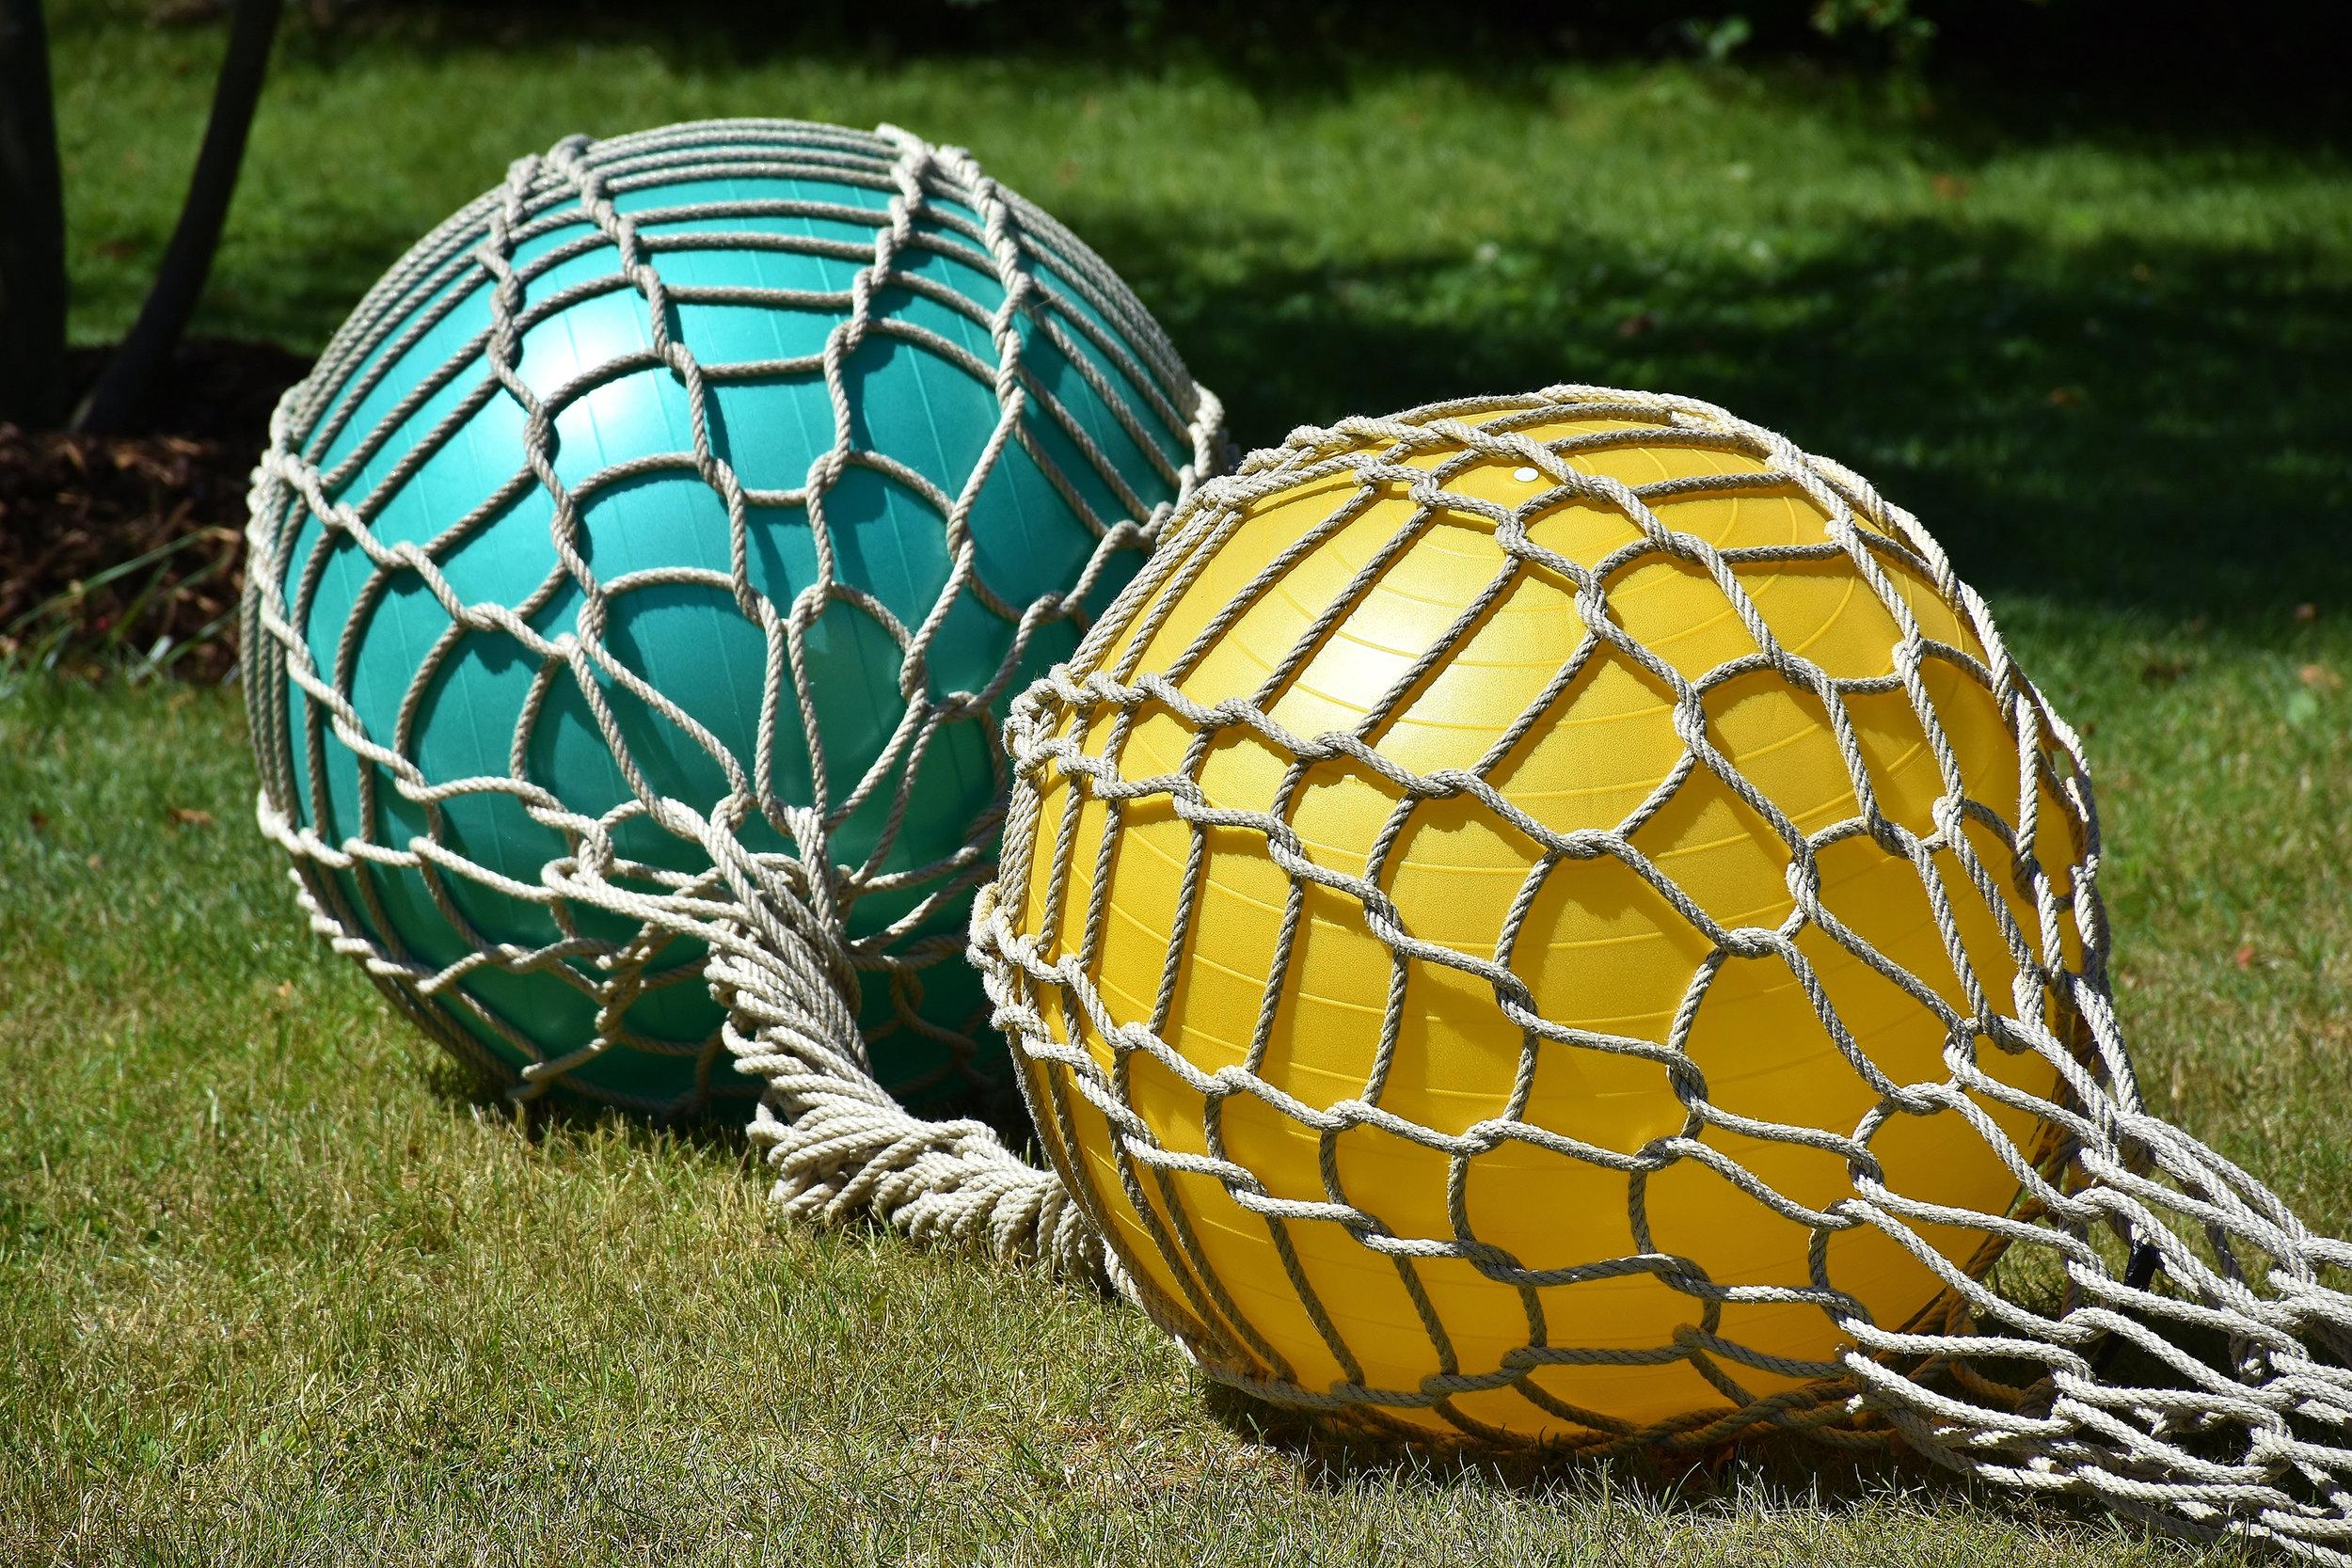 balls-exercise-balls-field-533504.jpg